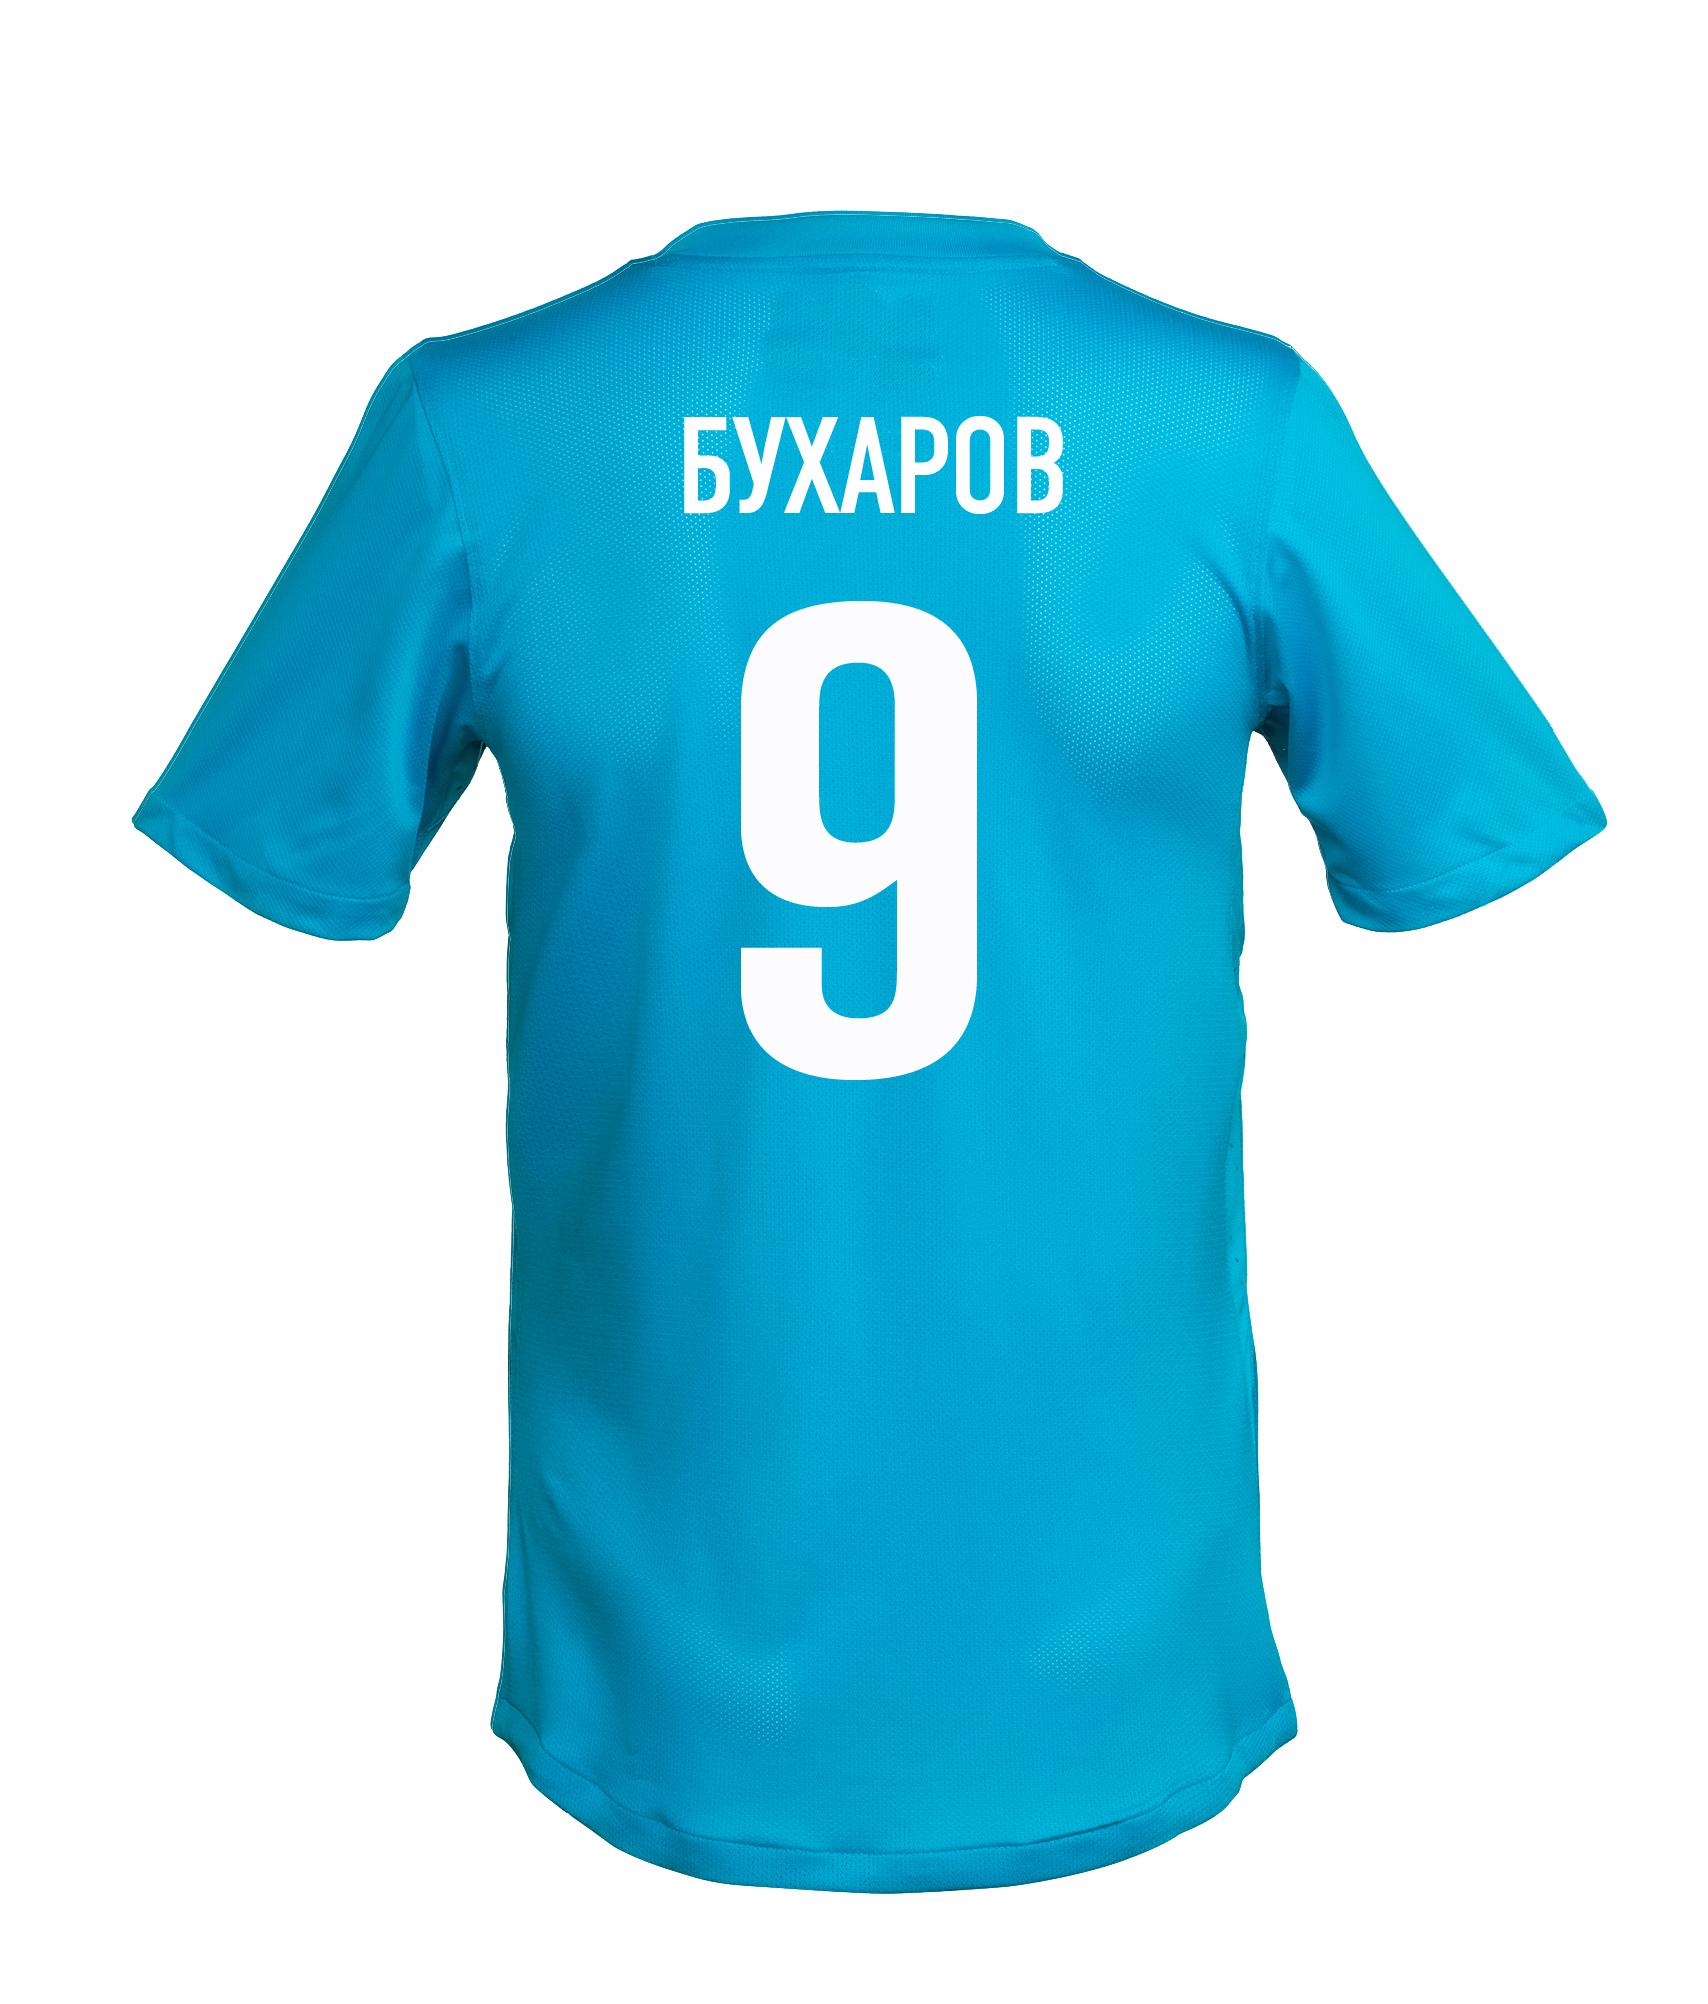 Игровая футболка с фамилией и номером А. Бухарова, Цвет-Синий, Размер-XXL